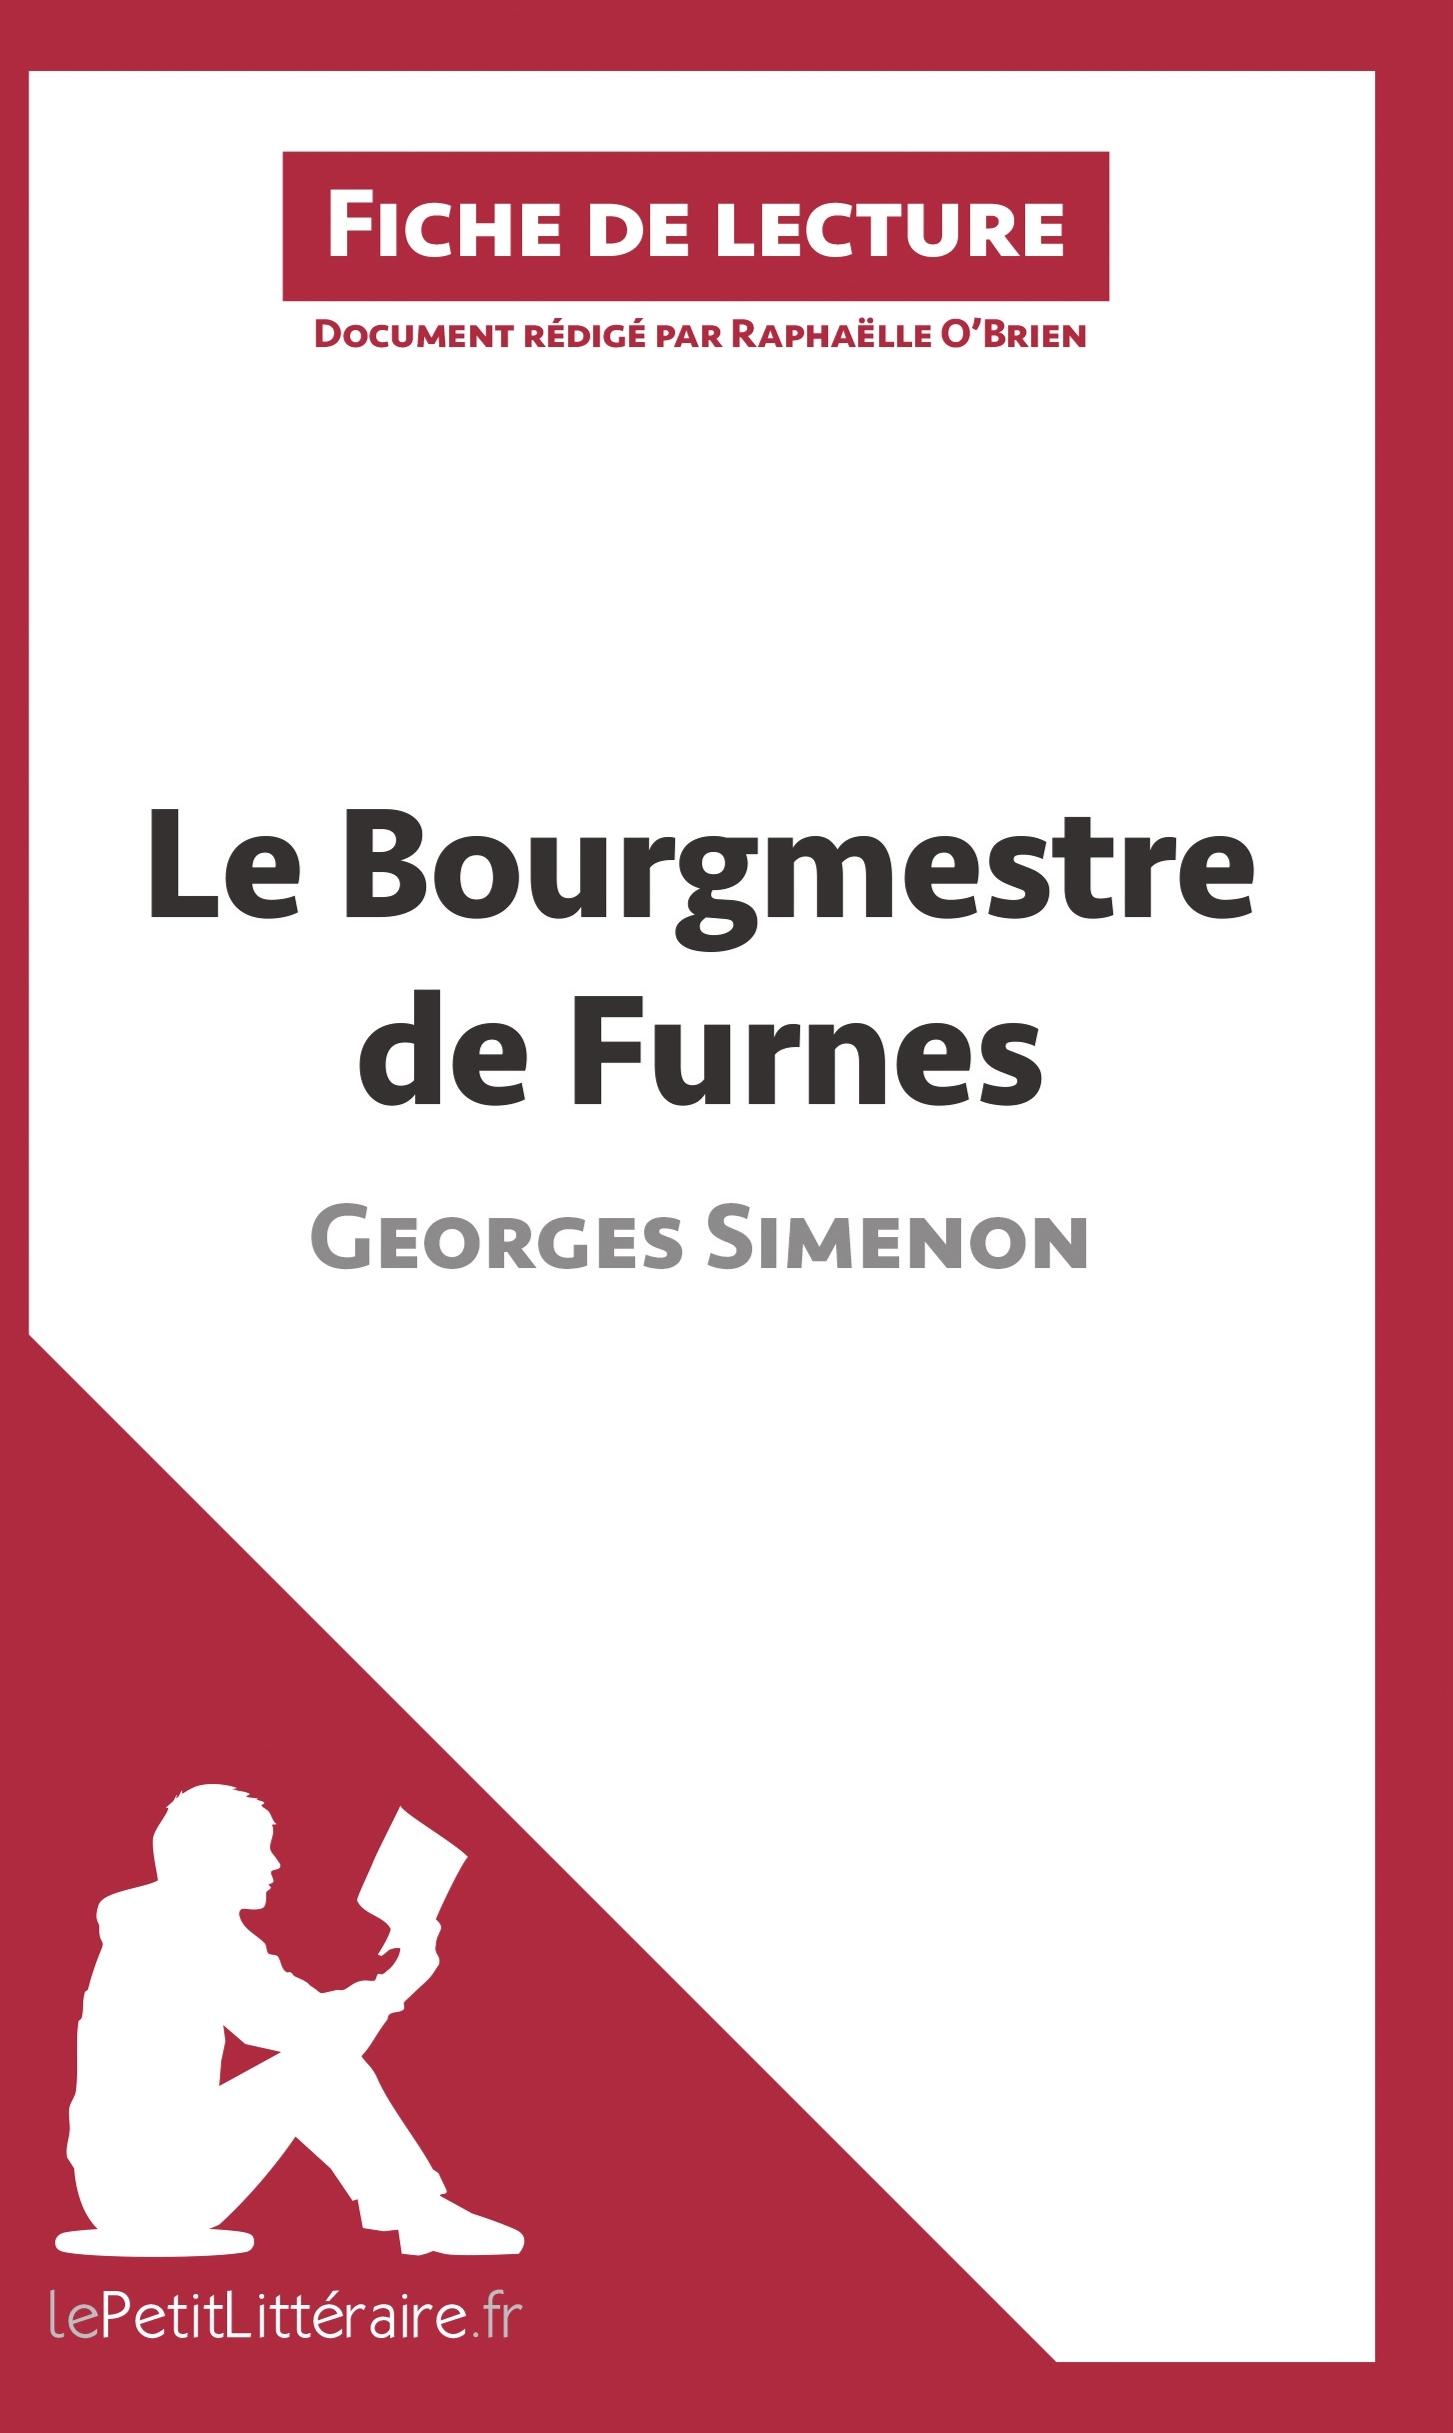 ANALYSE LE BOURGMESTRE DE FURNES DE GEORGES SIMENON ANALYSE COMPLETE DE L UVRE